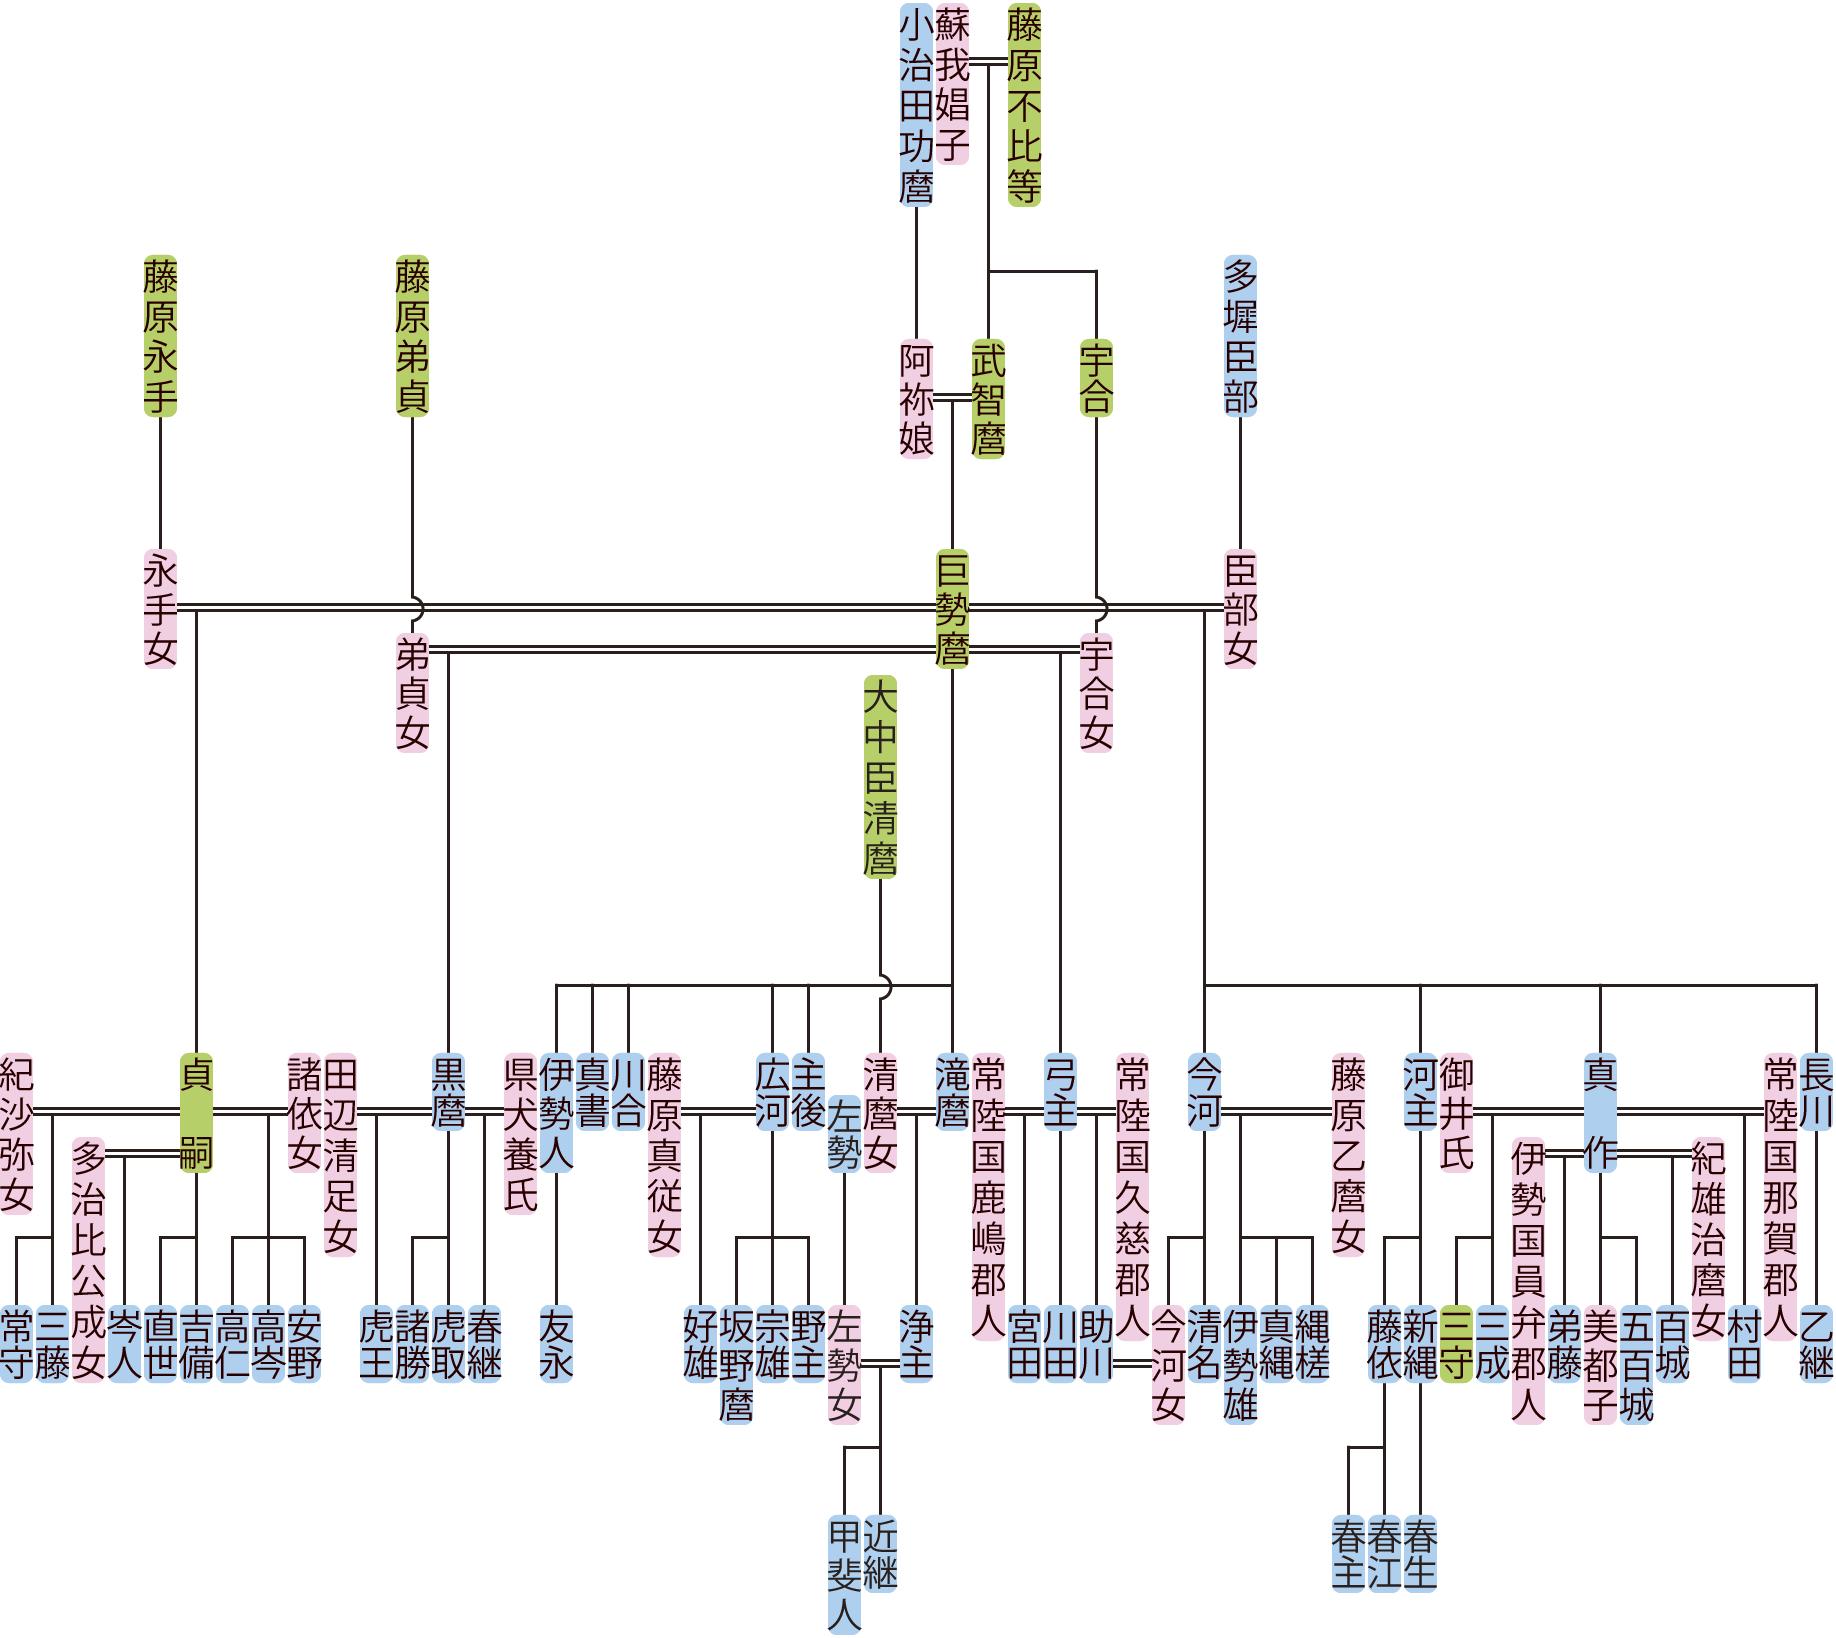 藤原巨勢麿の系図